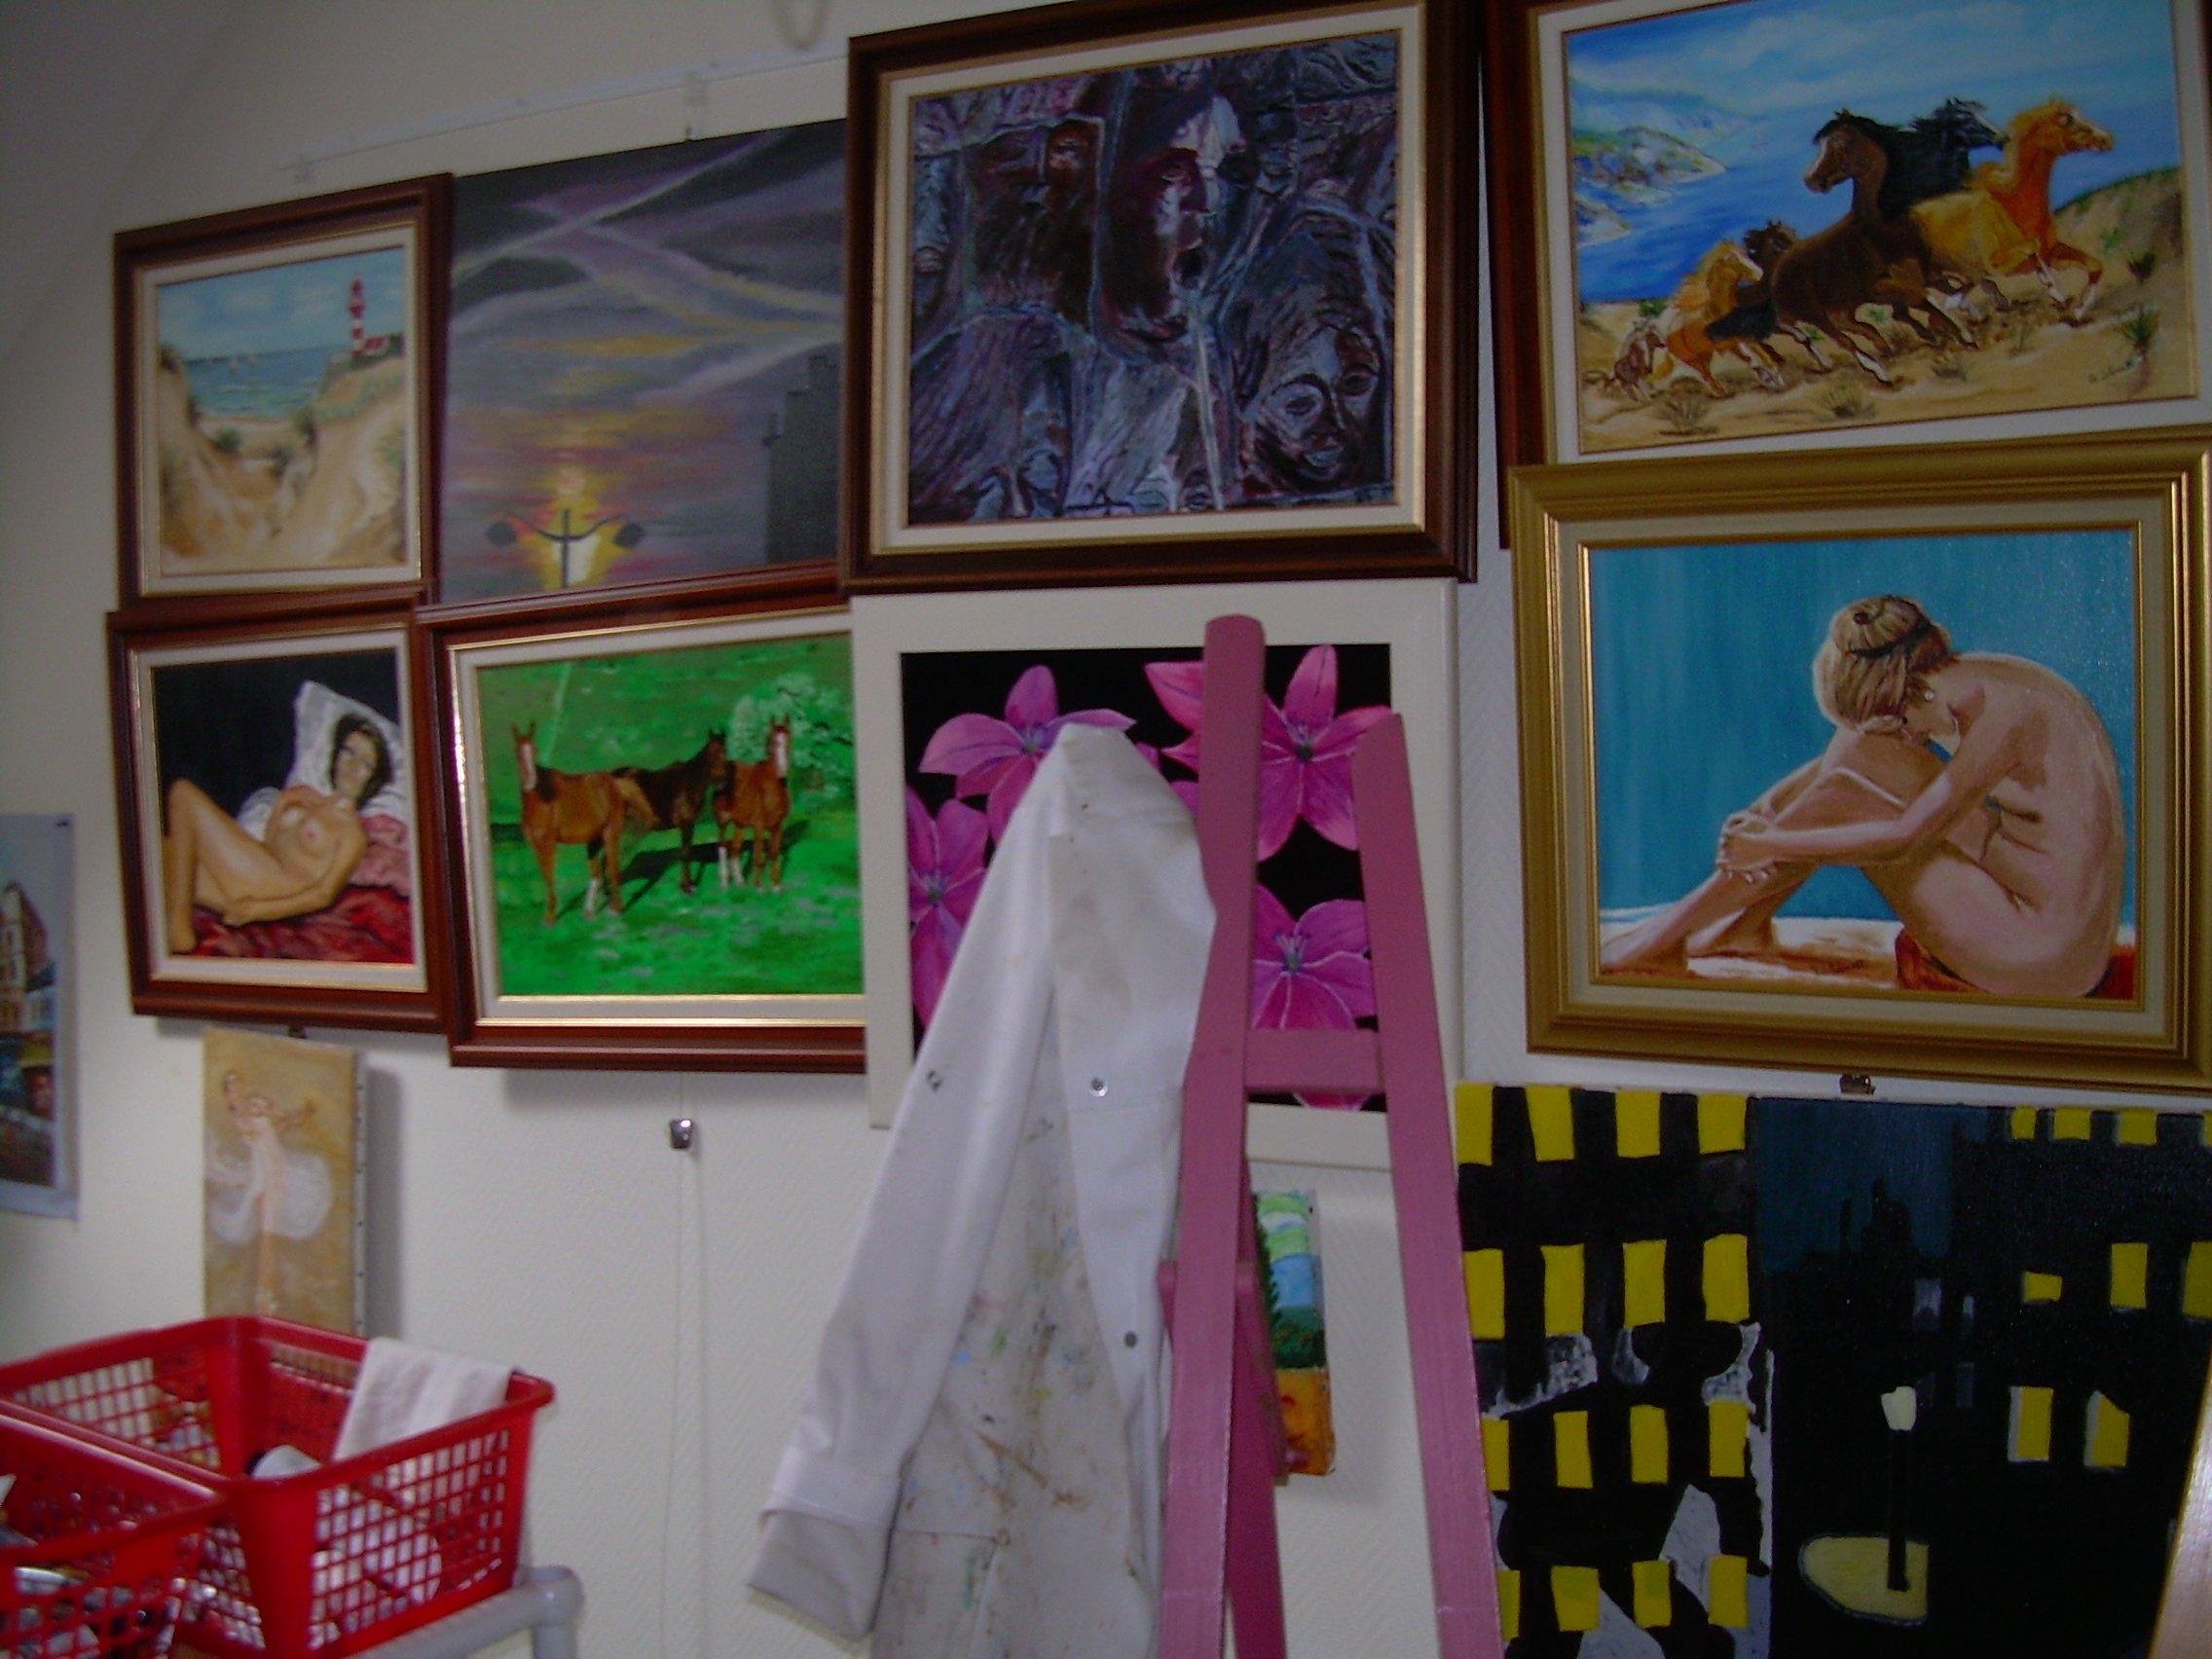 tableaux dans l'atelier